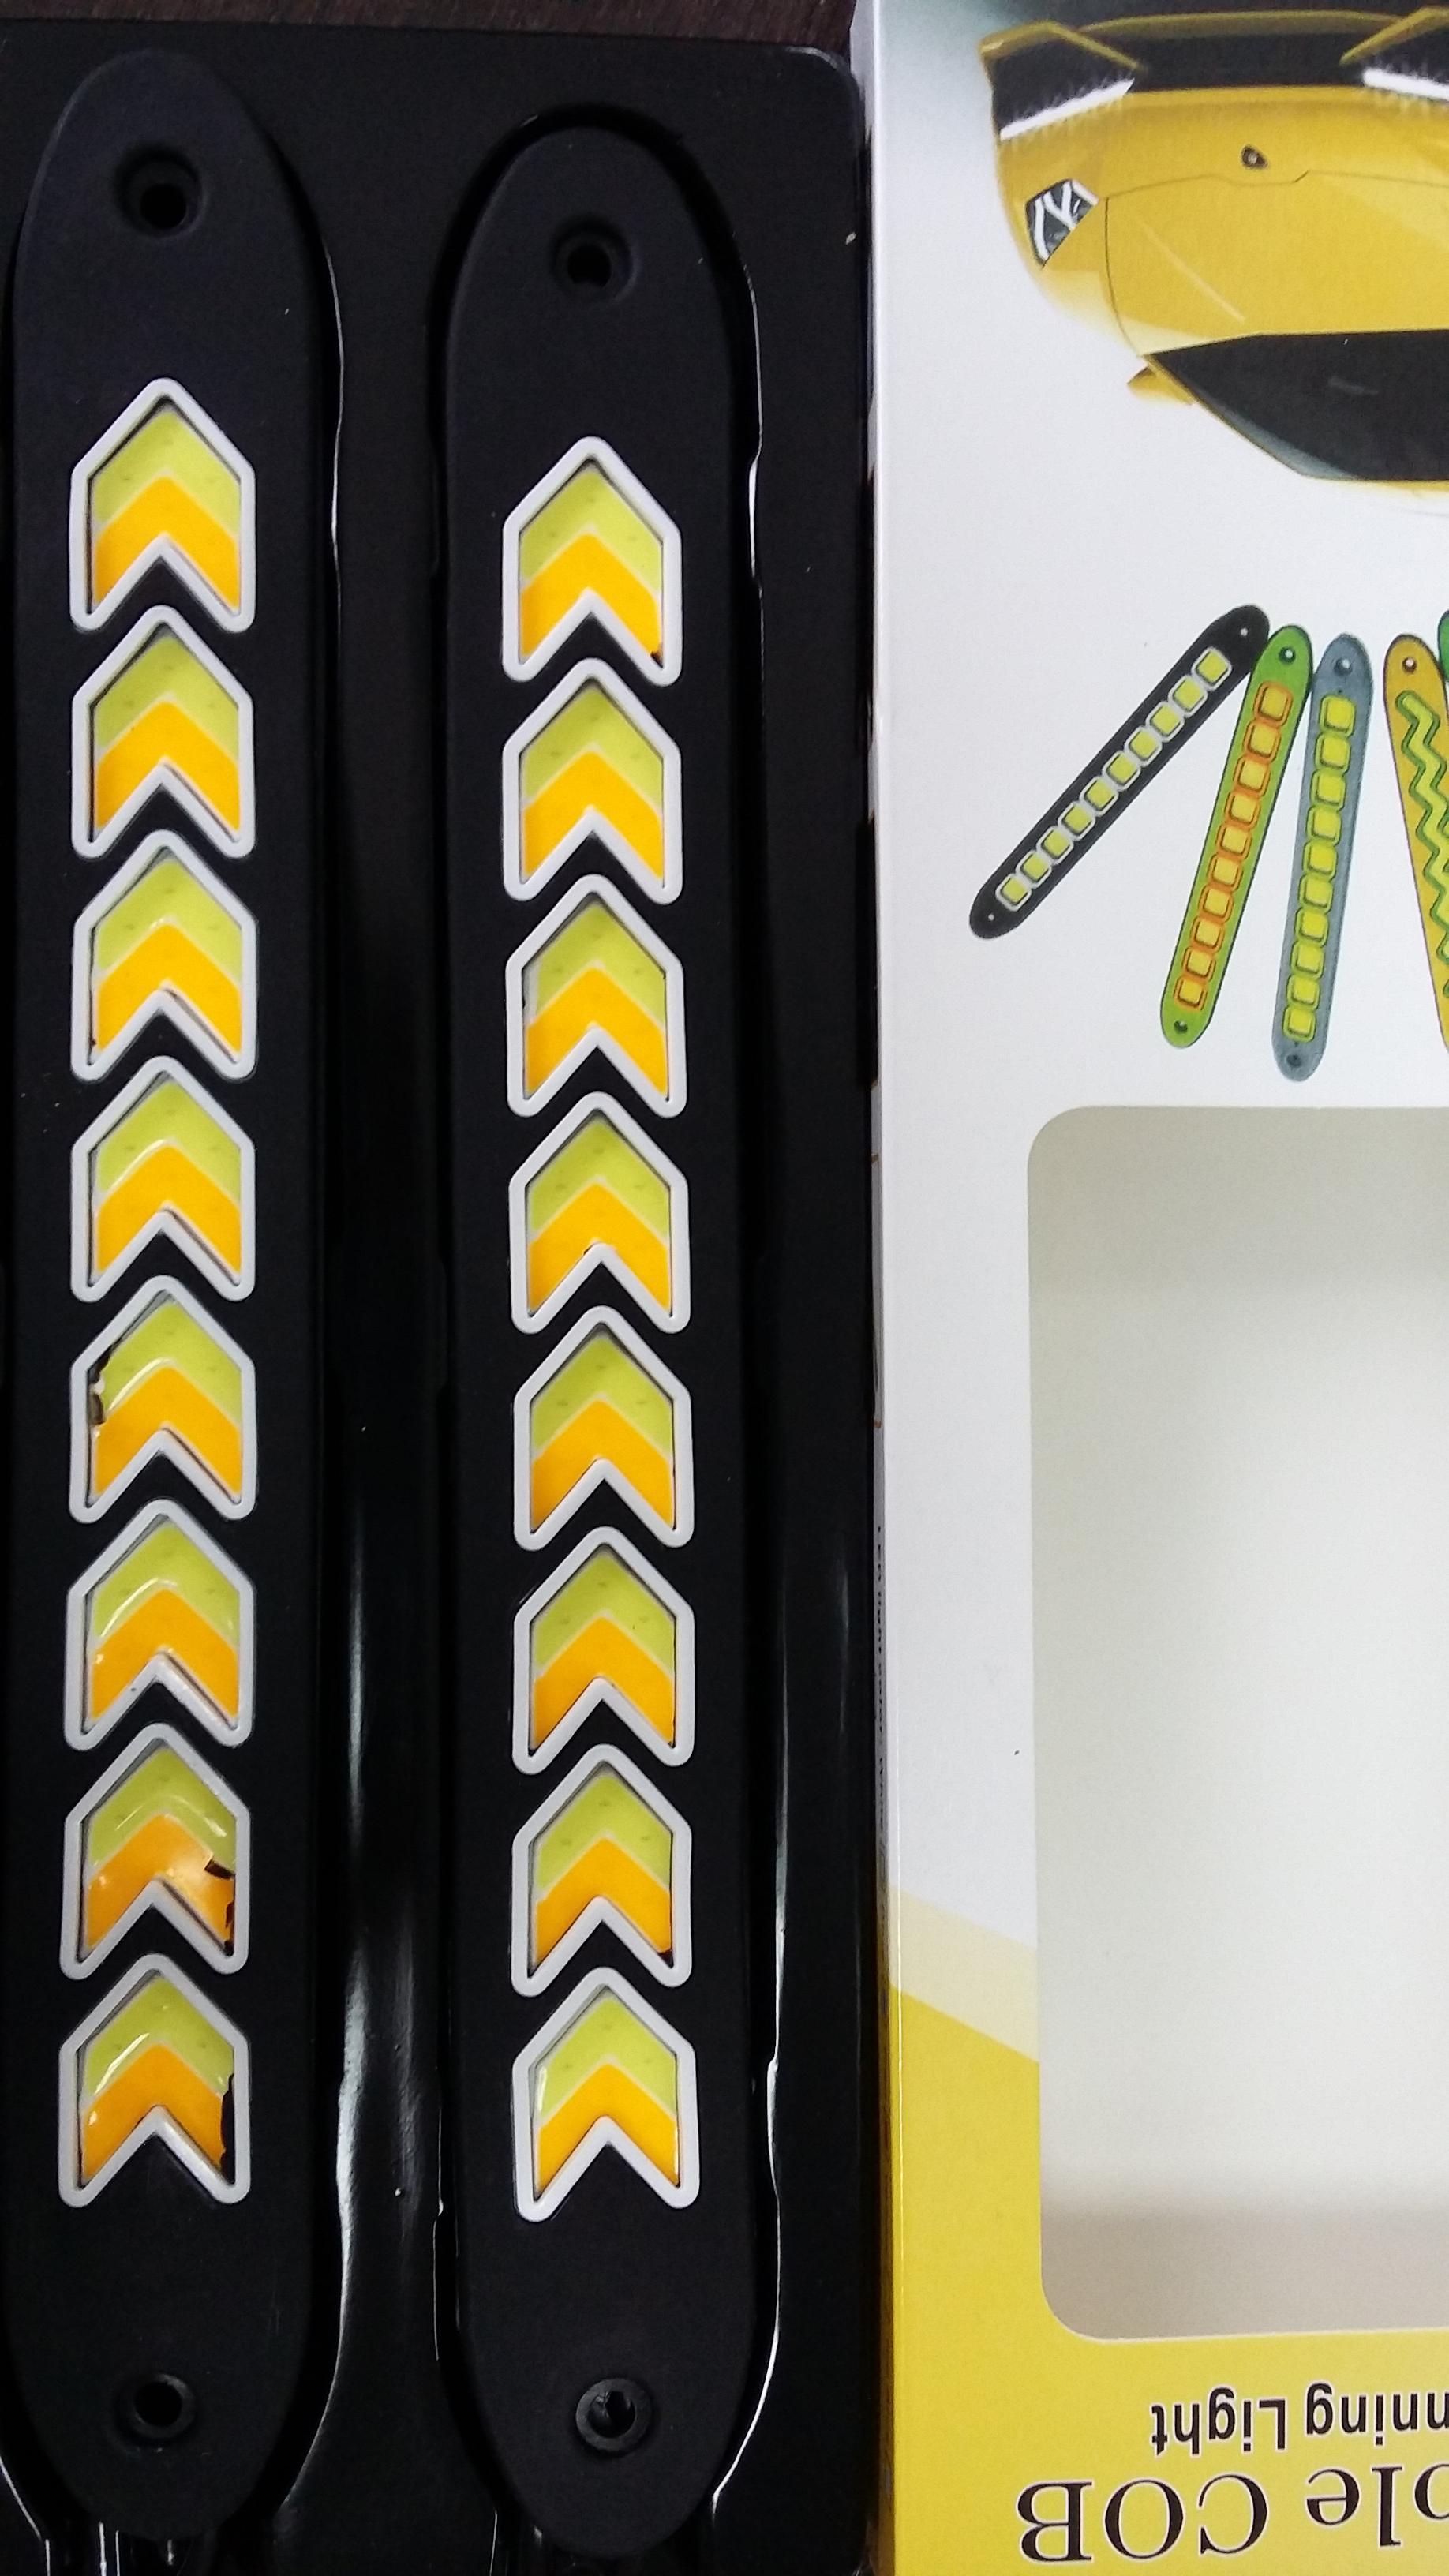 Дневные ходовые огни  LED Гибкие  с поворотом (стрелки)